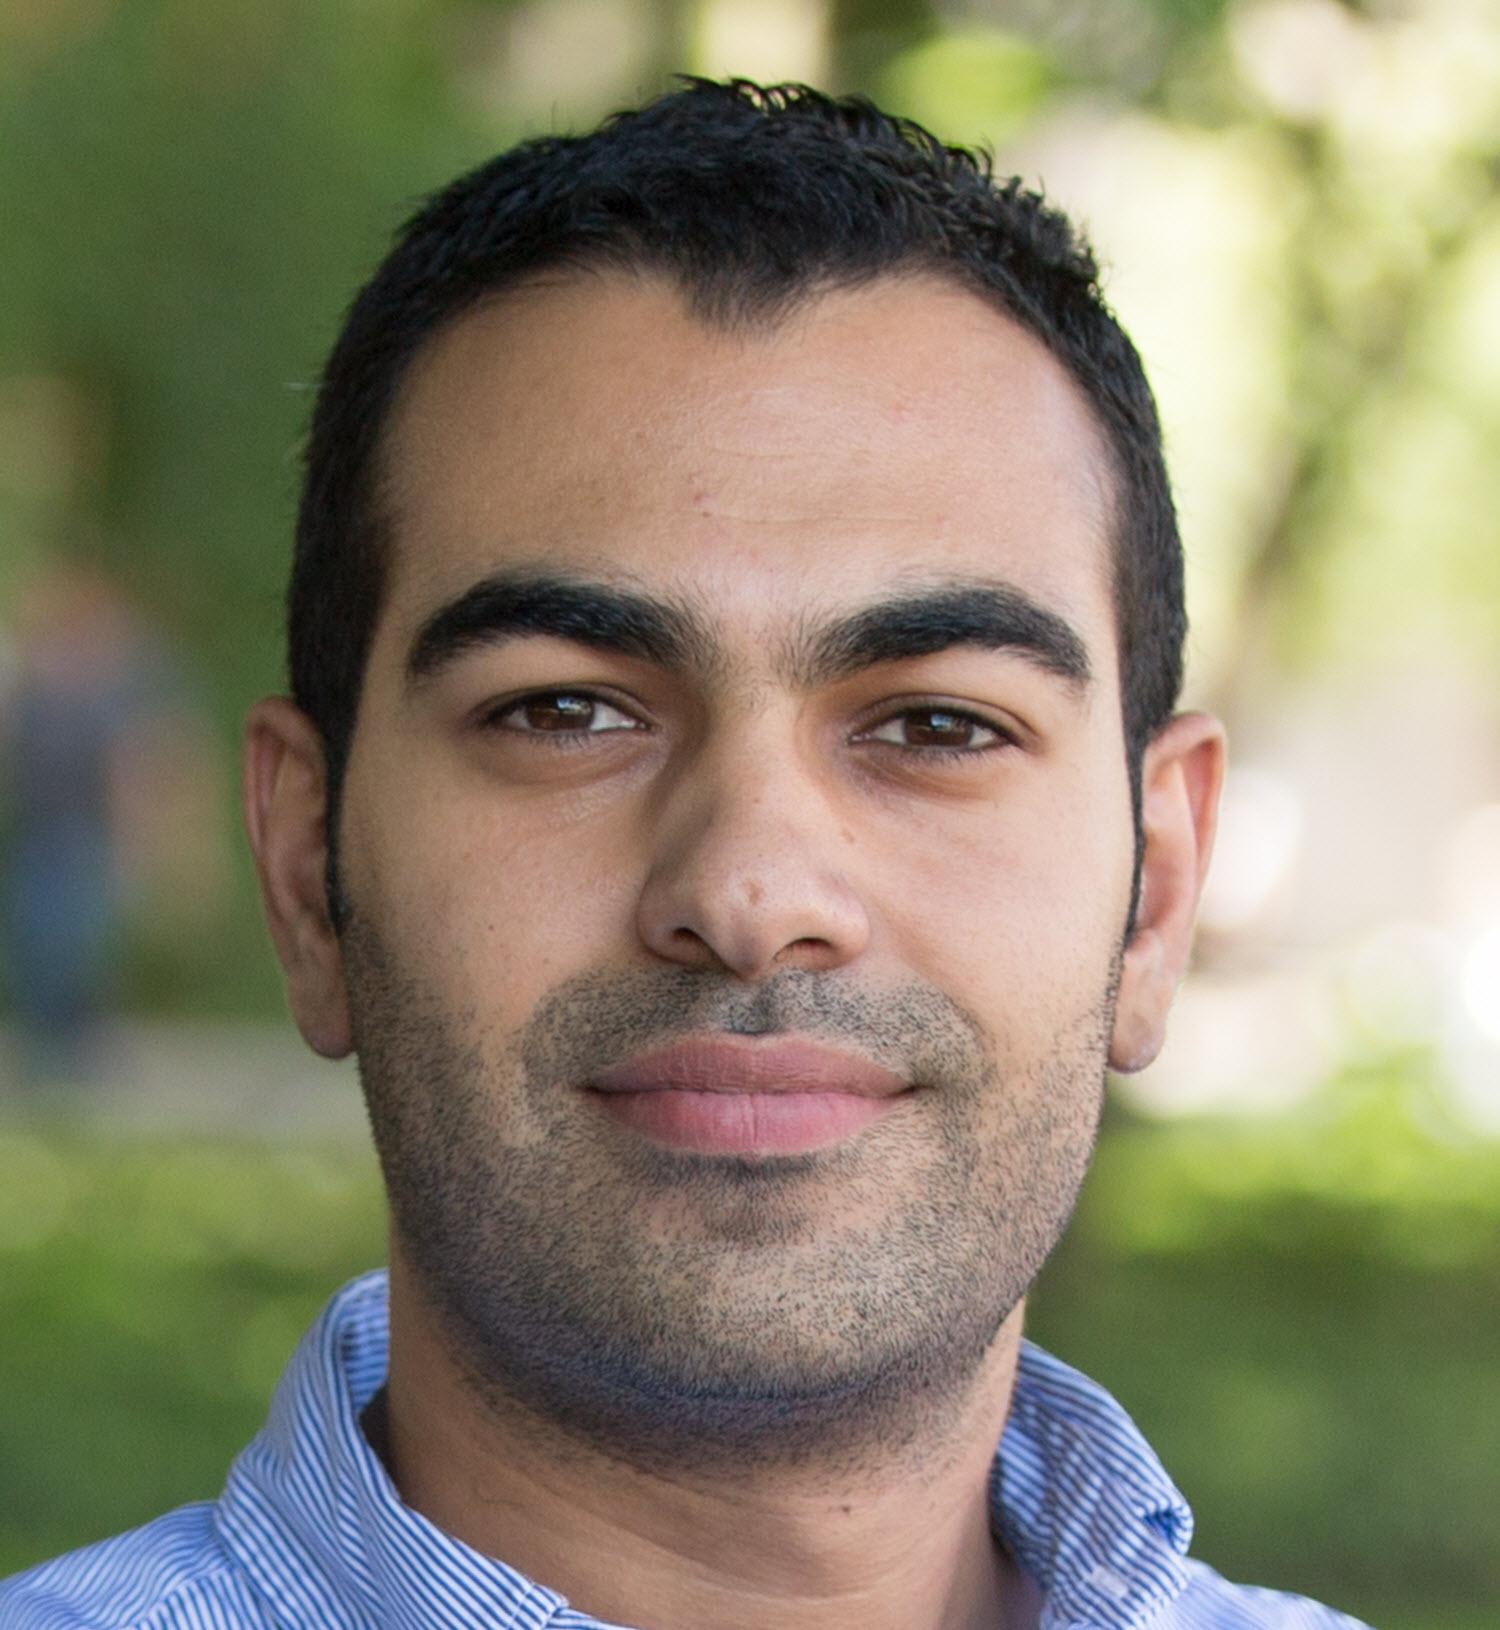 Yazeed AbuHassan